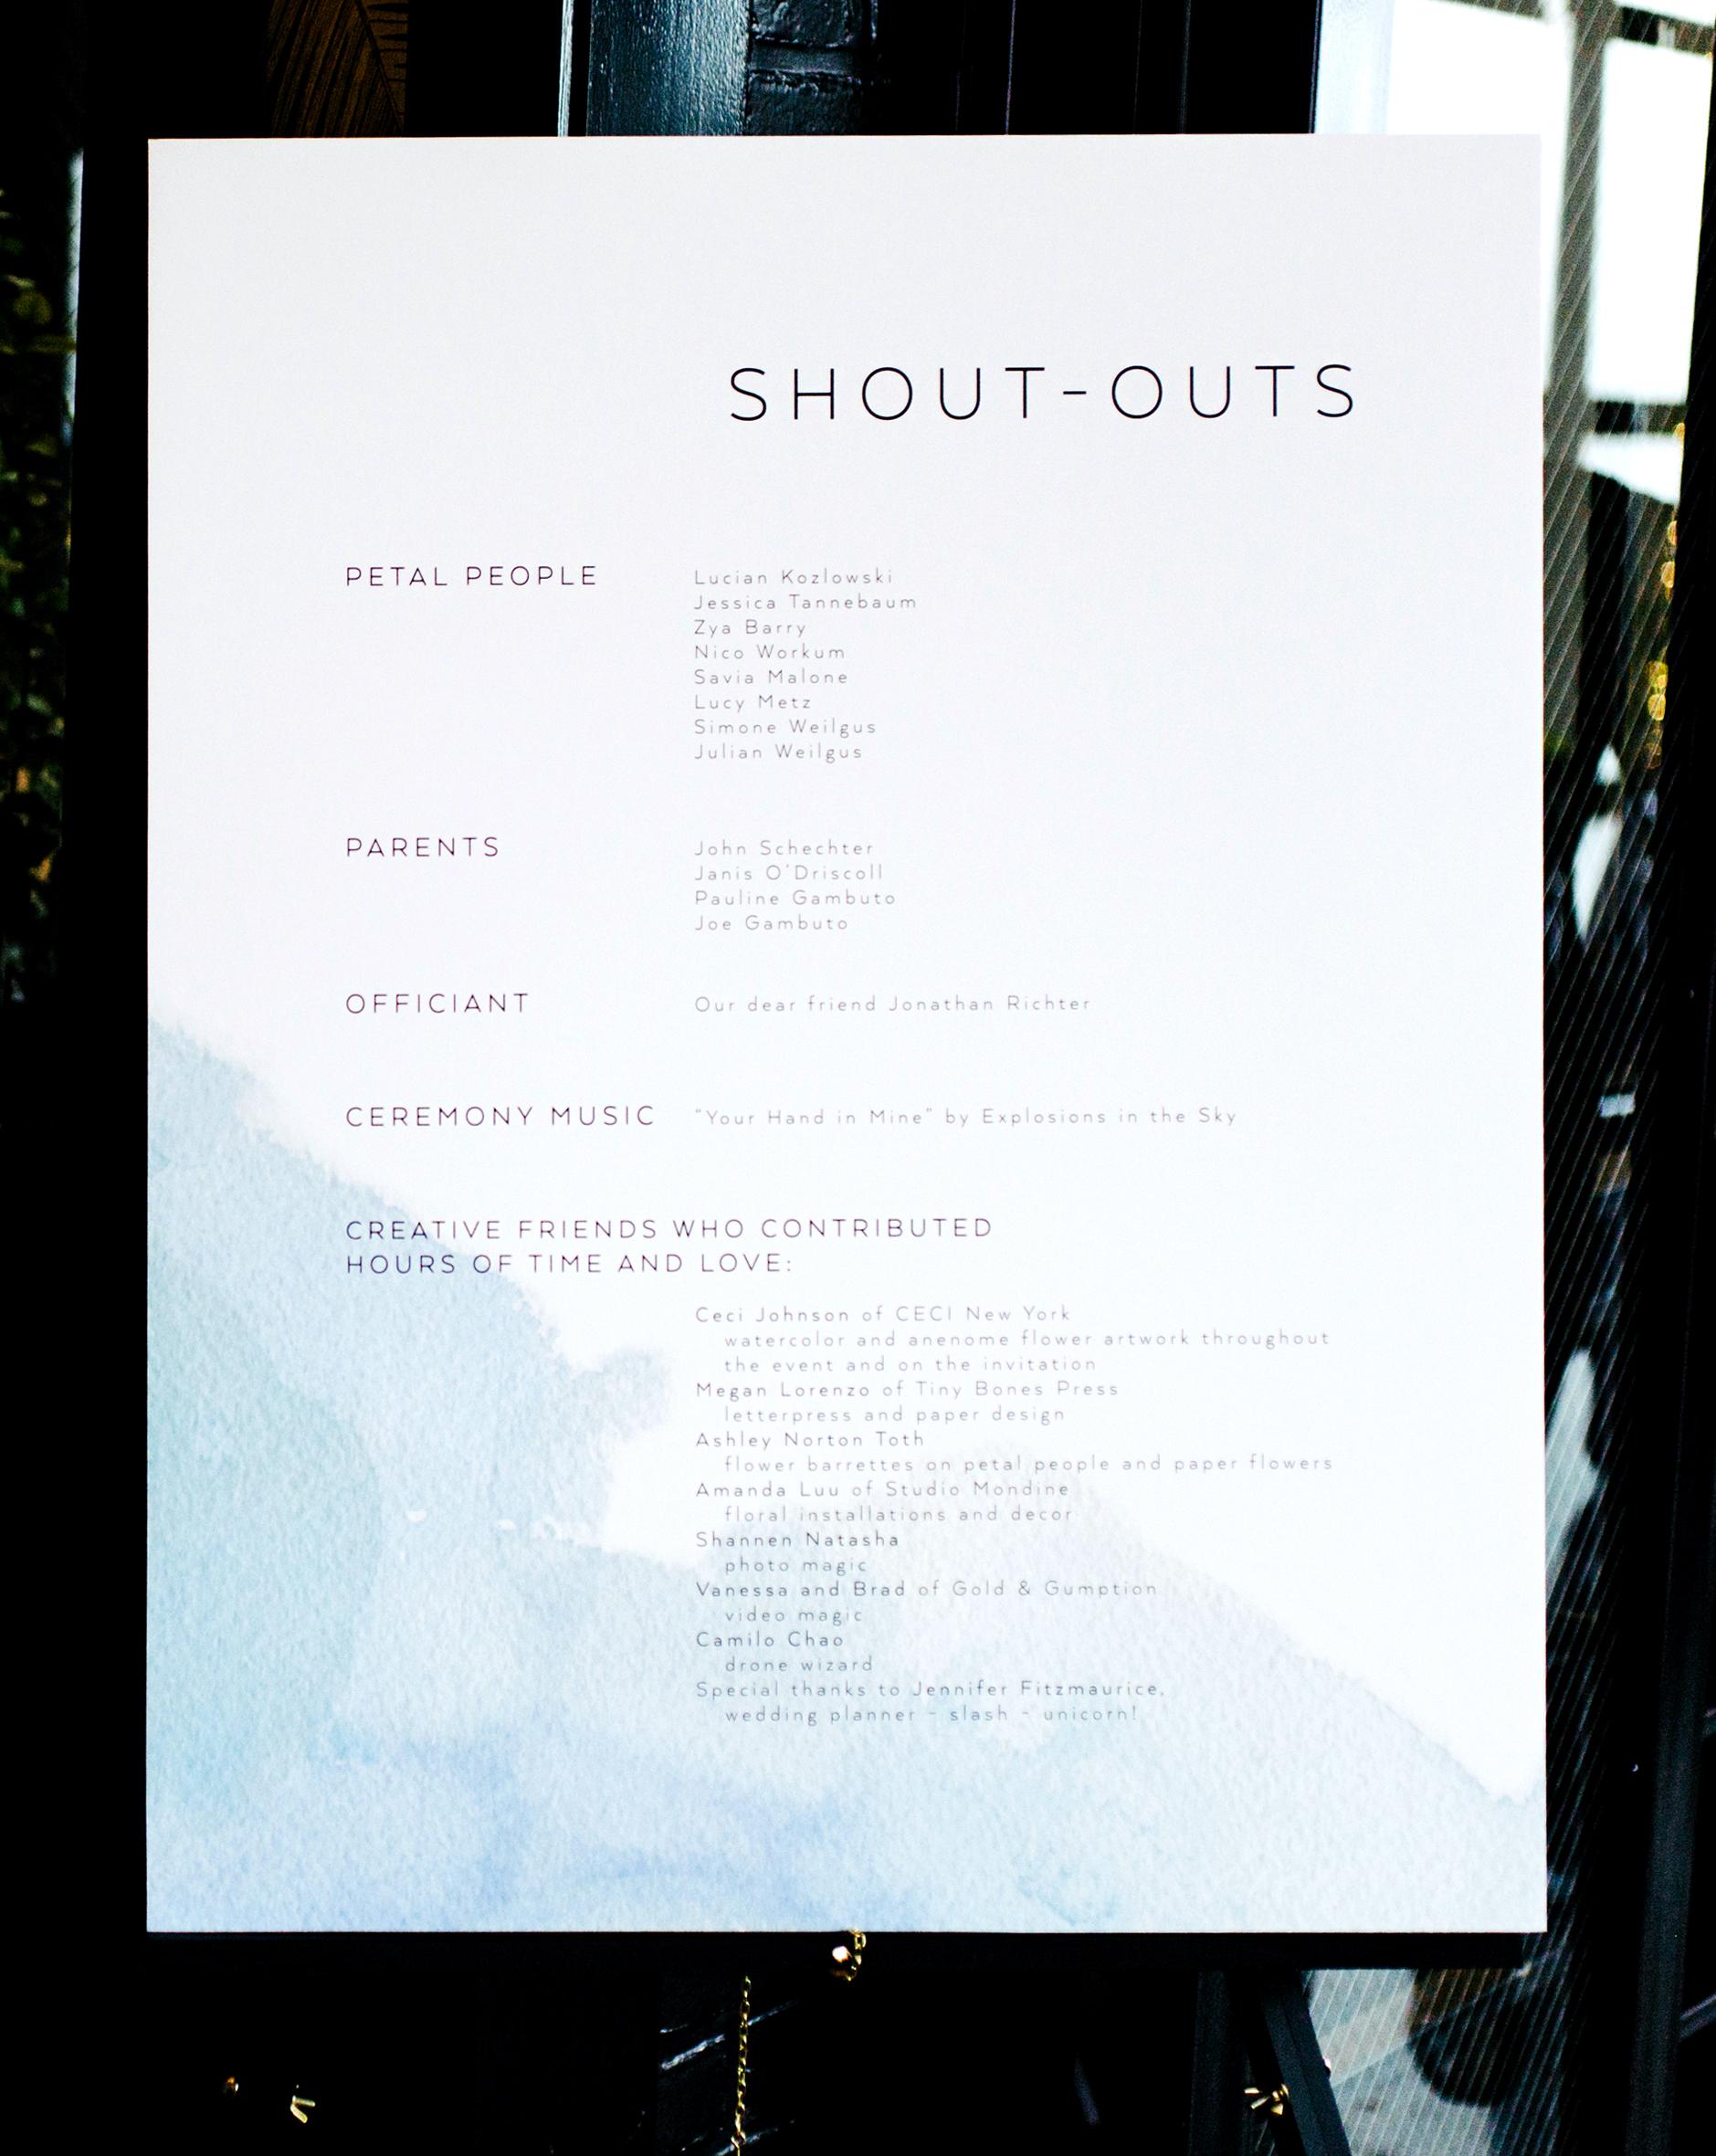 ana and damon shoutouts program poster